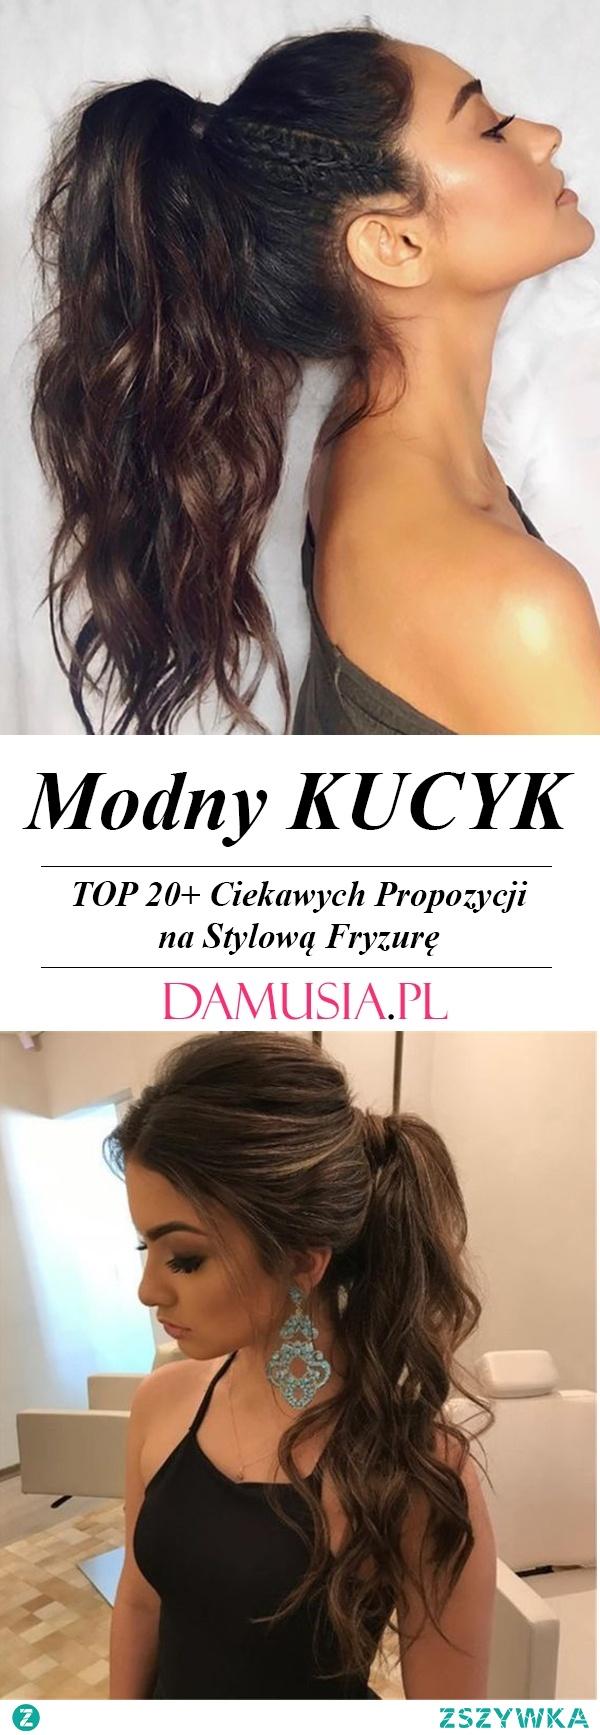 Modny Kucyk – TOP 20+ Ciekawych Propozycji na Stylową Fryzurę